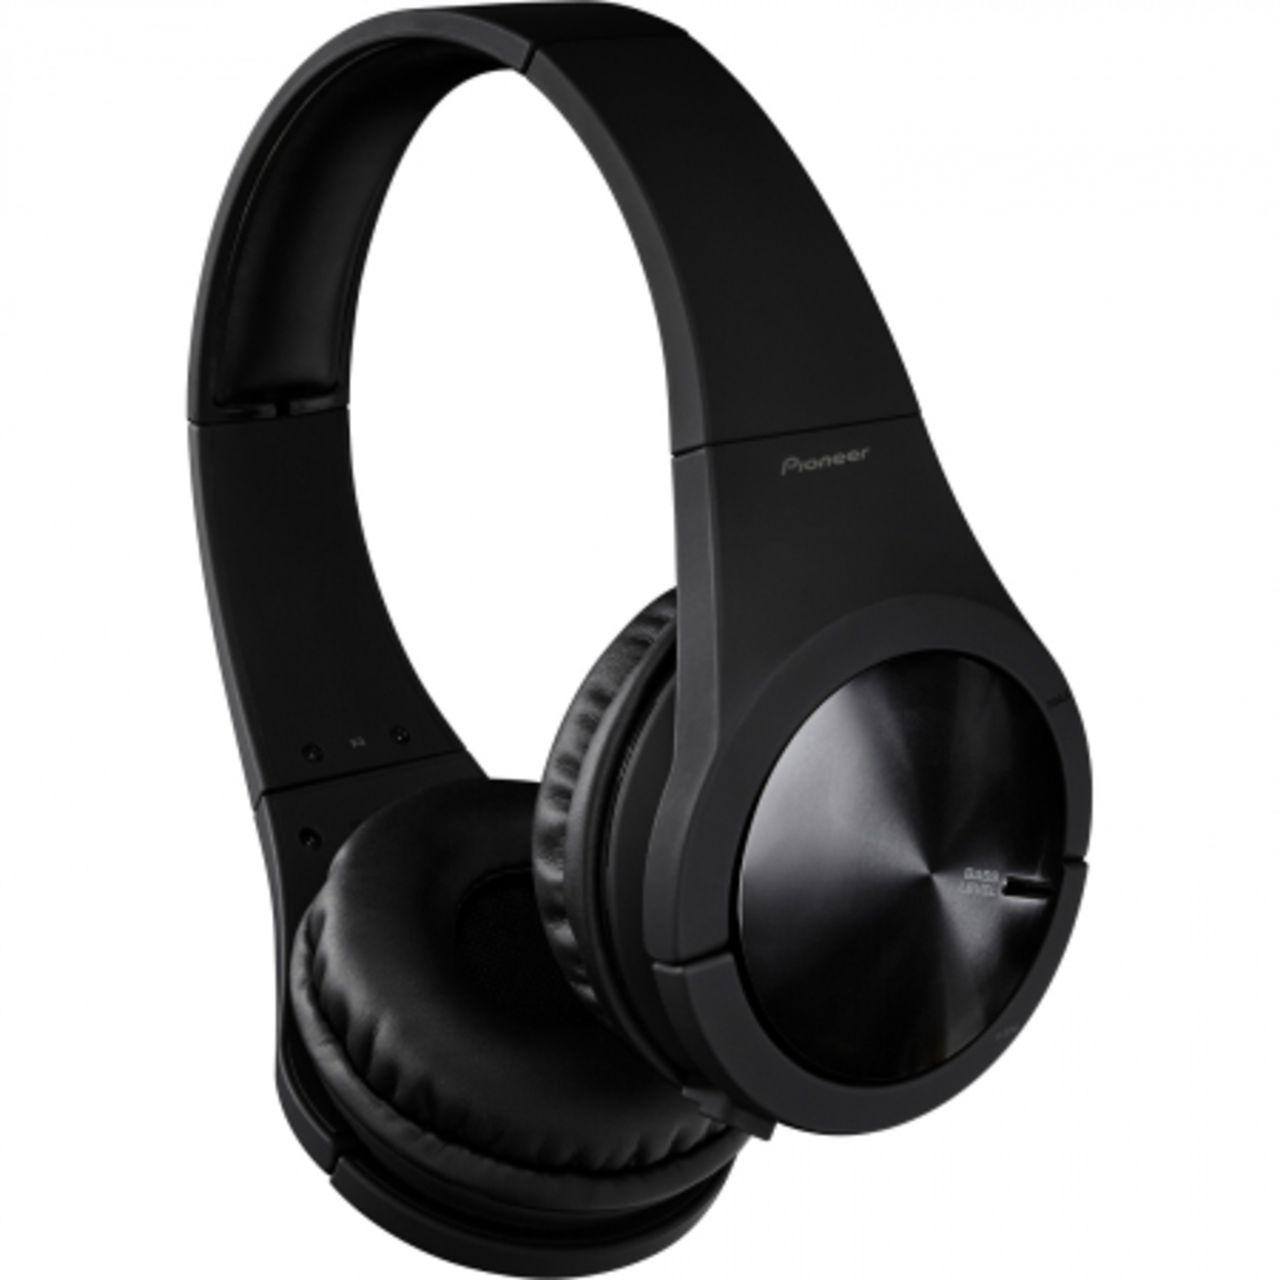 Pioneer SE-MX7-K - On-ear koptelefoon - Zwart